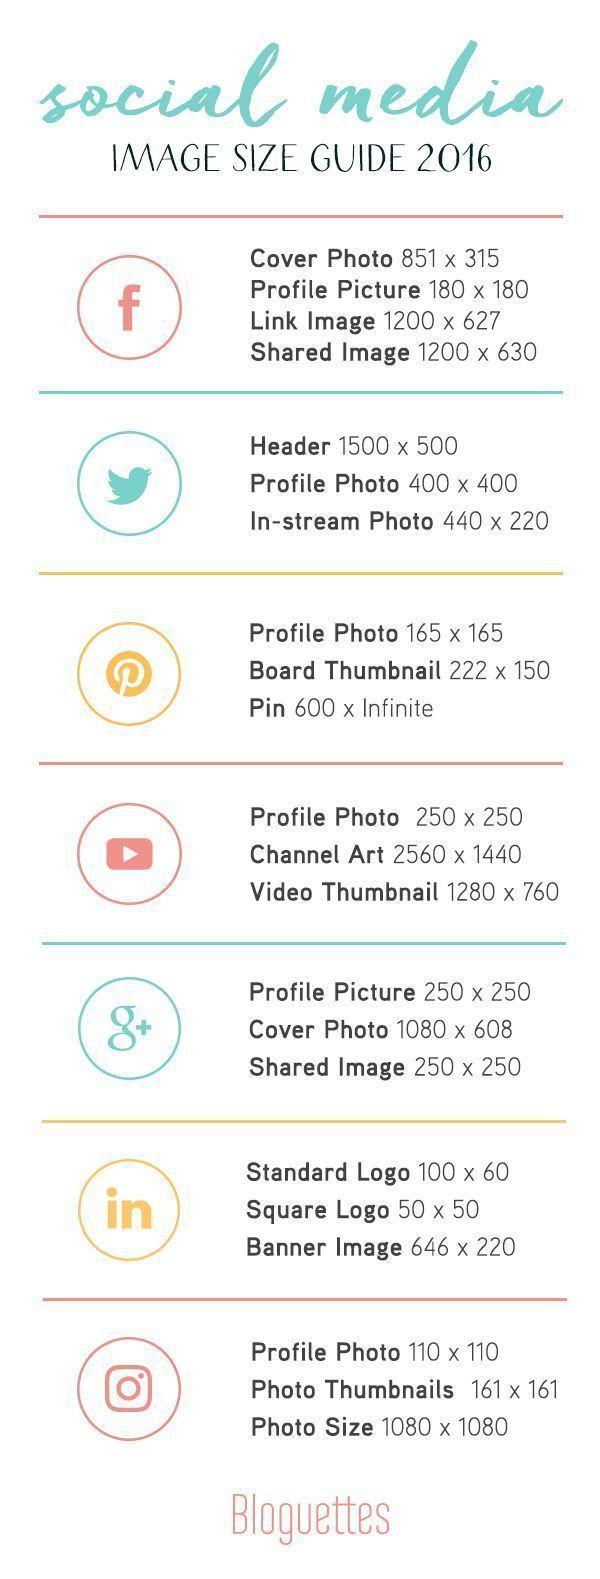 Social Media Image Size Guide for 2016! #socialmedia